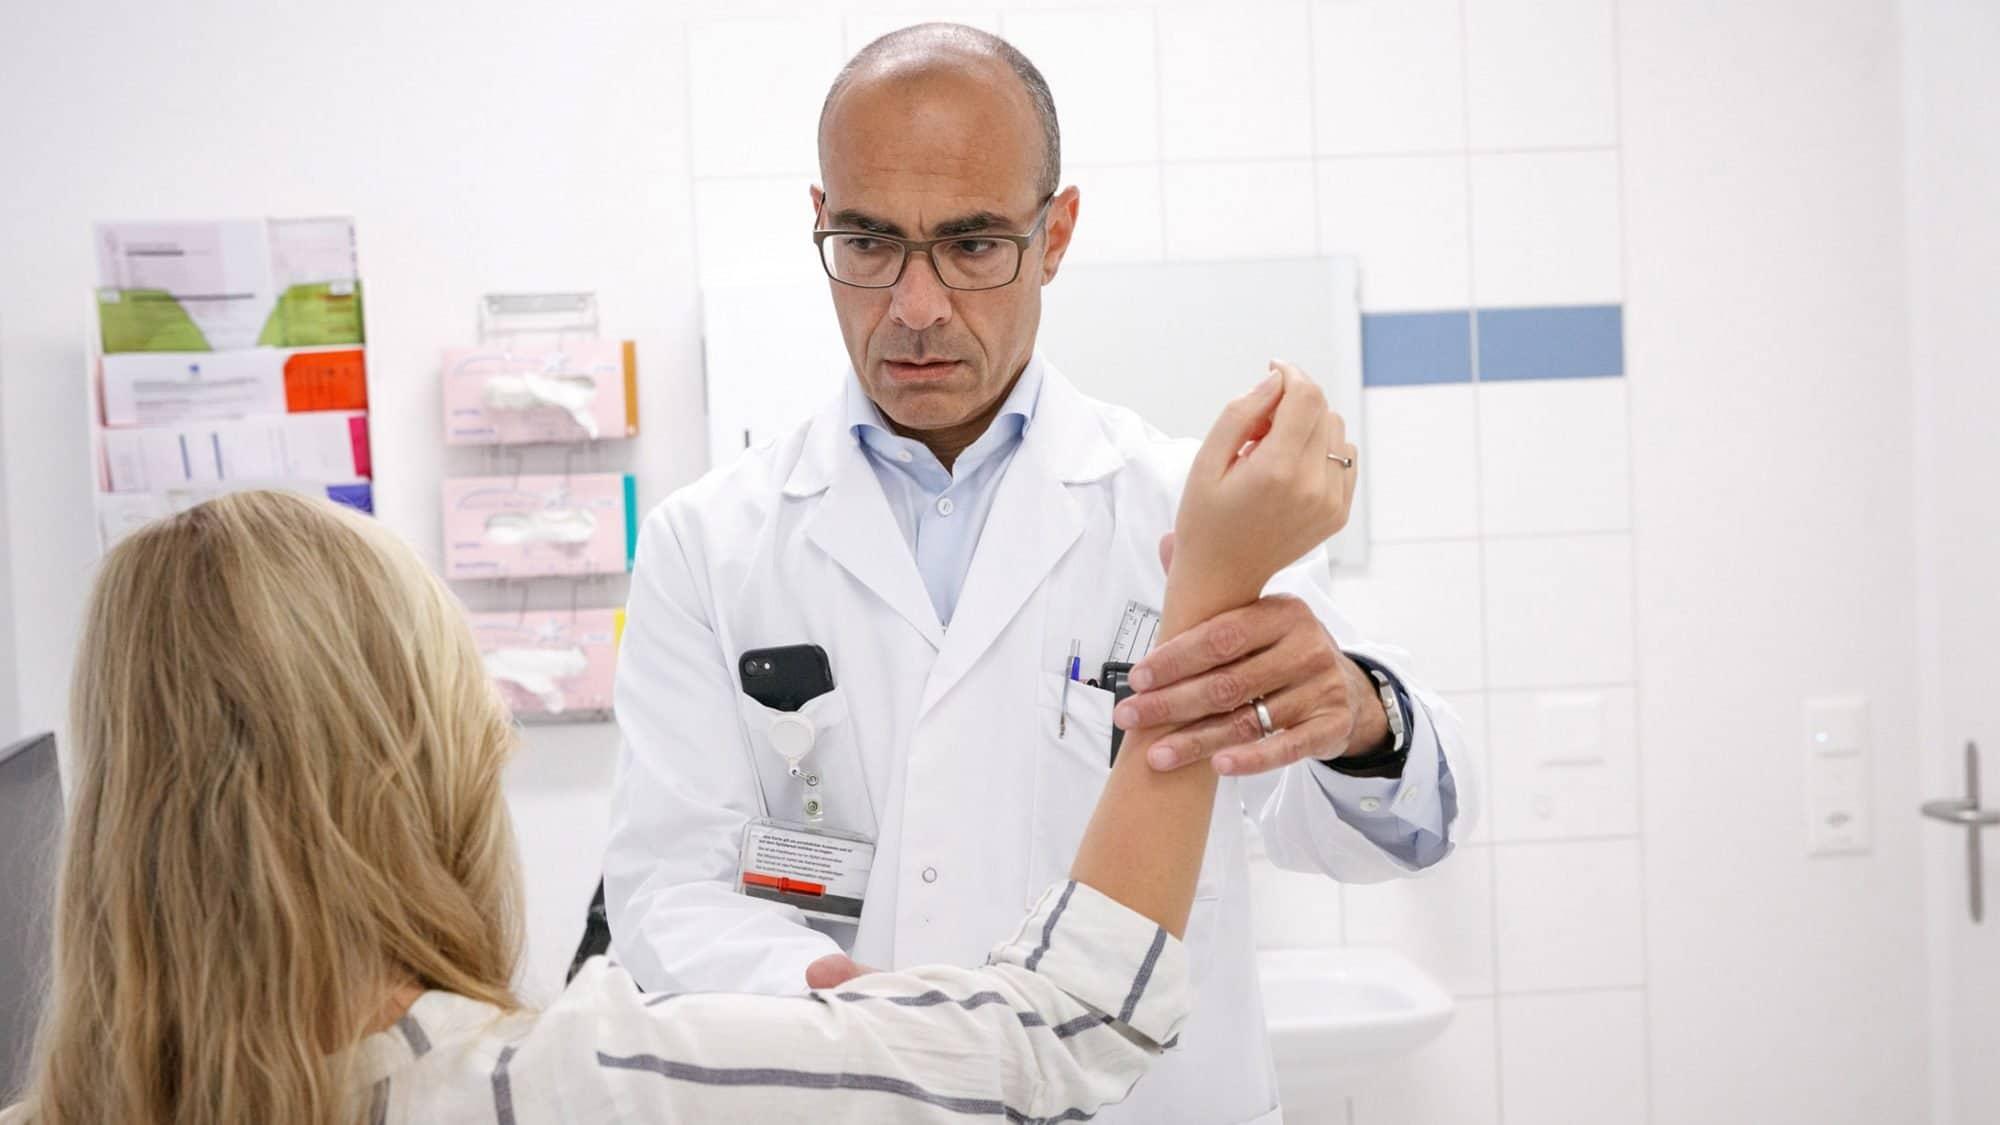 Karim Eid untersucht eine Patientin mit einer Frozen Shoulder.